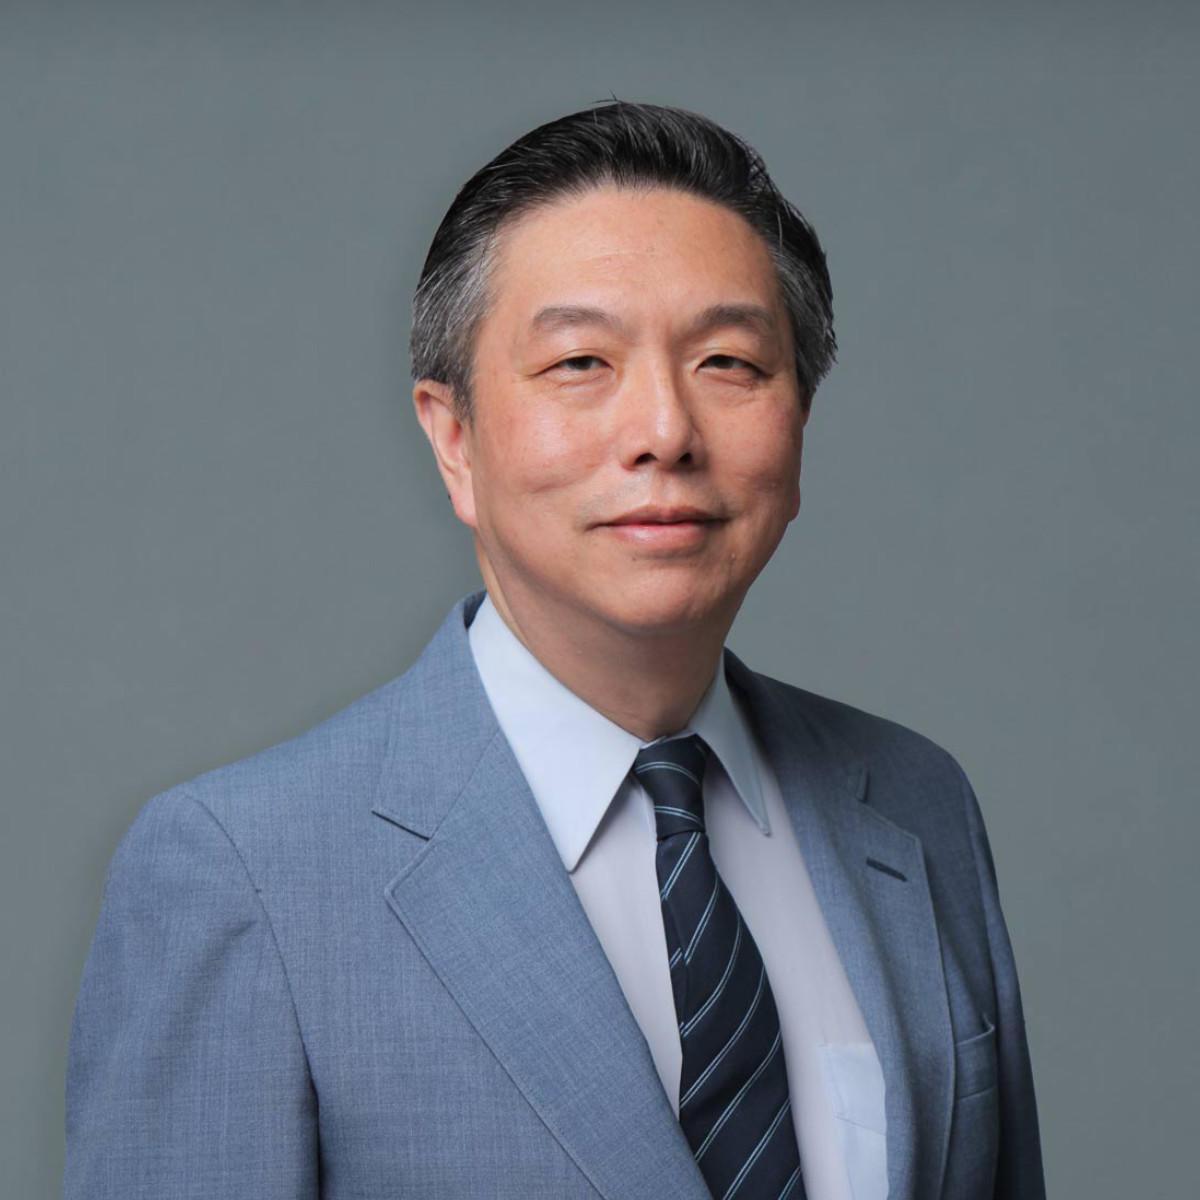 Howard G. Liang, MD